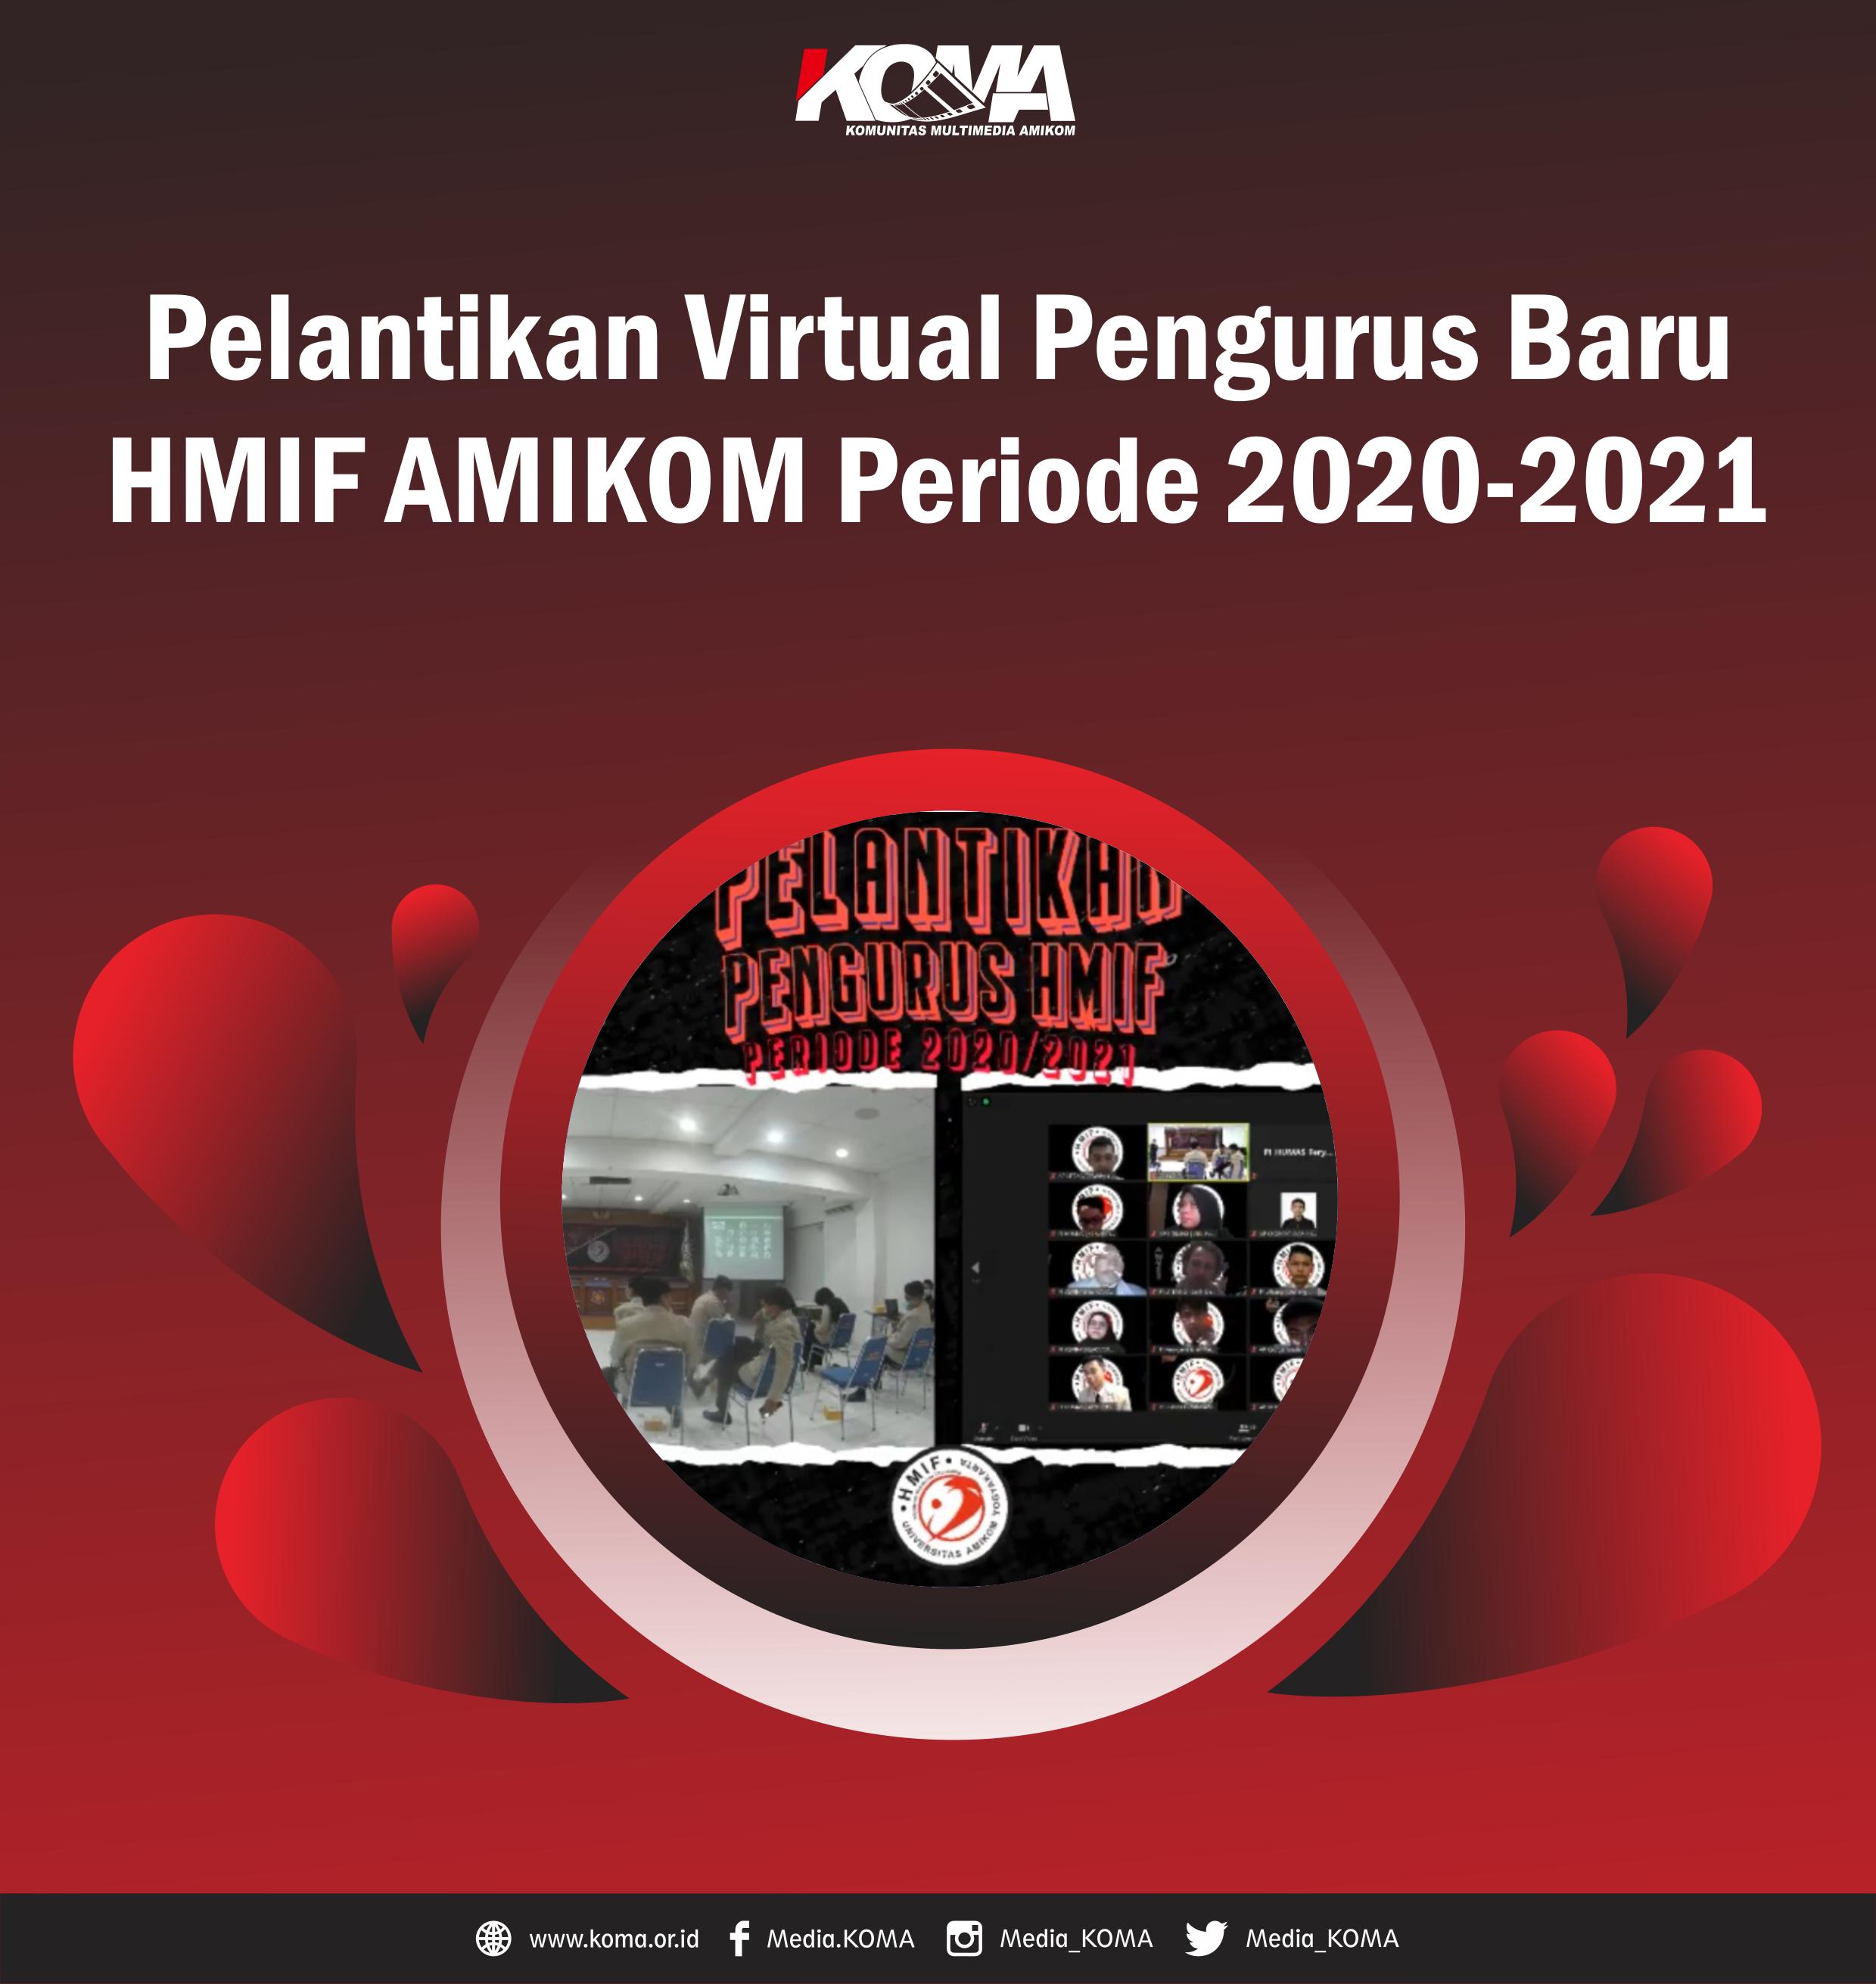 Pelantikan-Virtual-Pengurus-Baru-HMIF-Periode-2020-2021